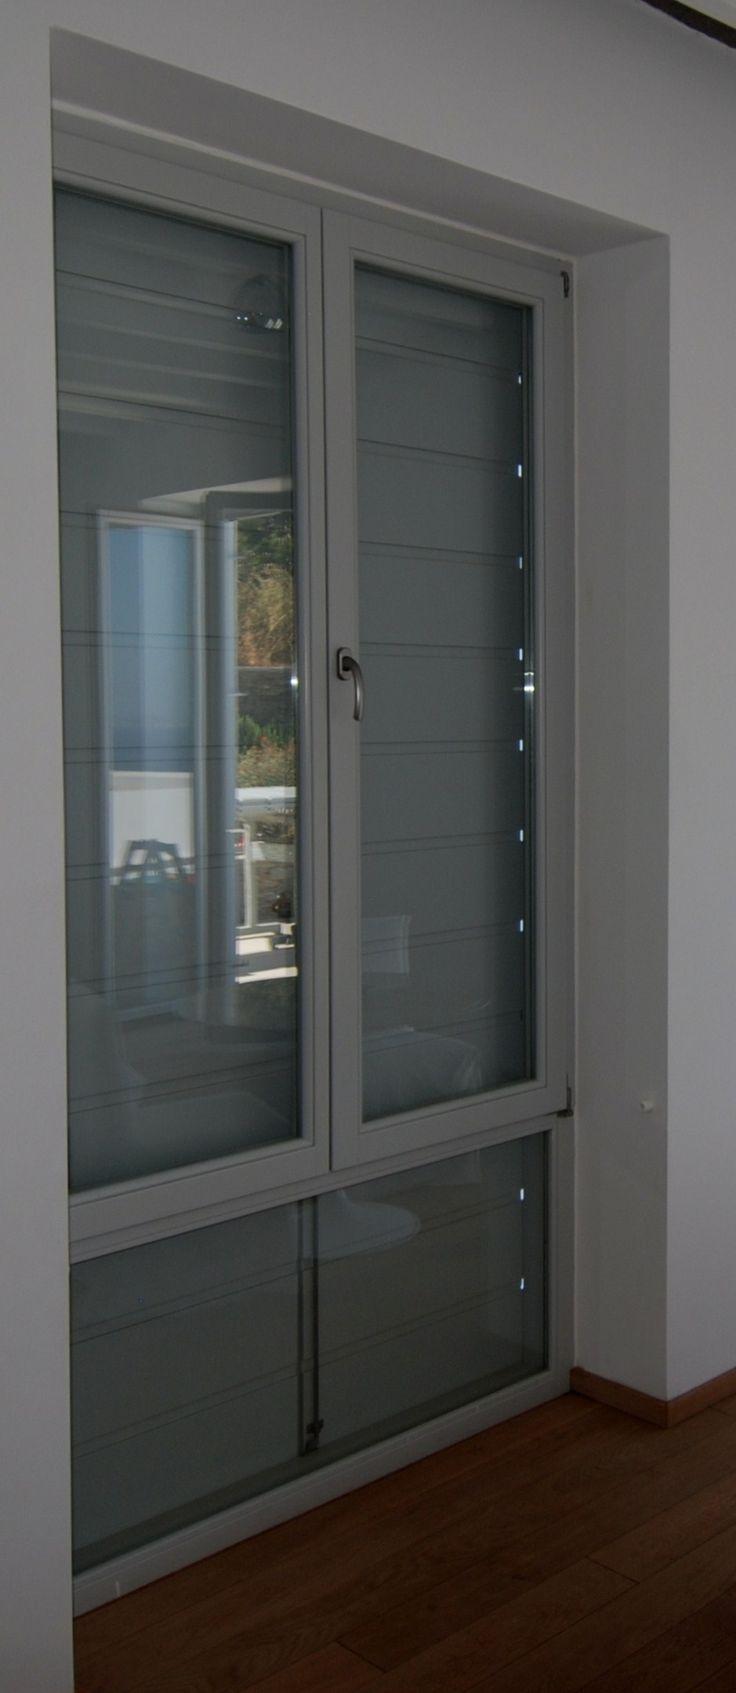 Παράθυρο ΠΡ15 με σταθερό - Πατζούρι ΠΑ9 ραμποτέ οριζόντιο 30mm, ανοιγόμενο